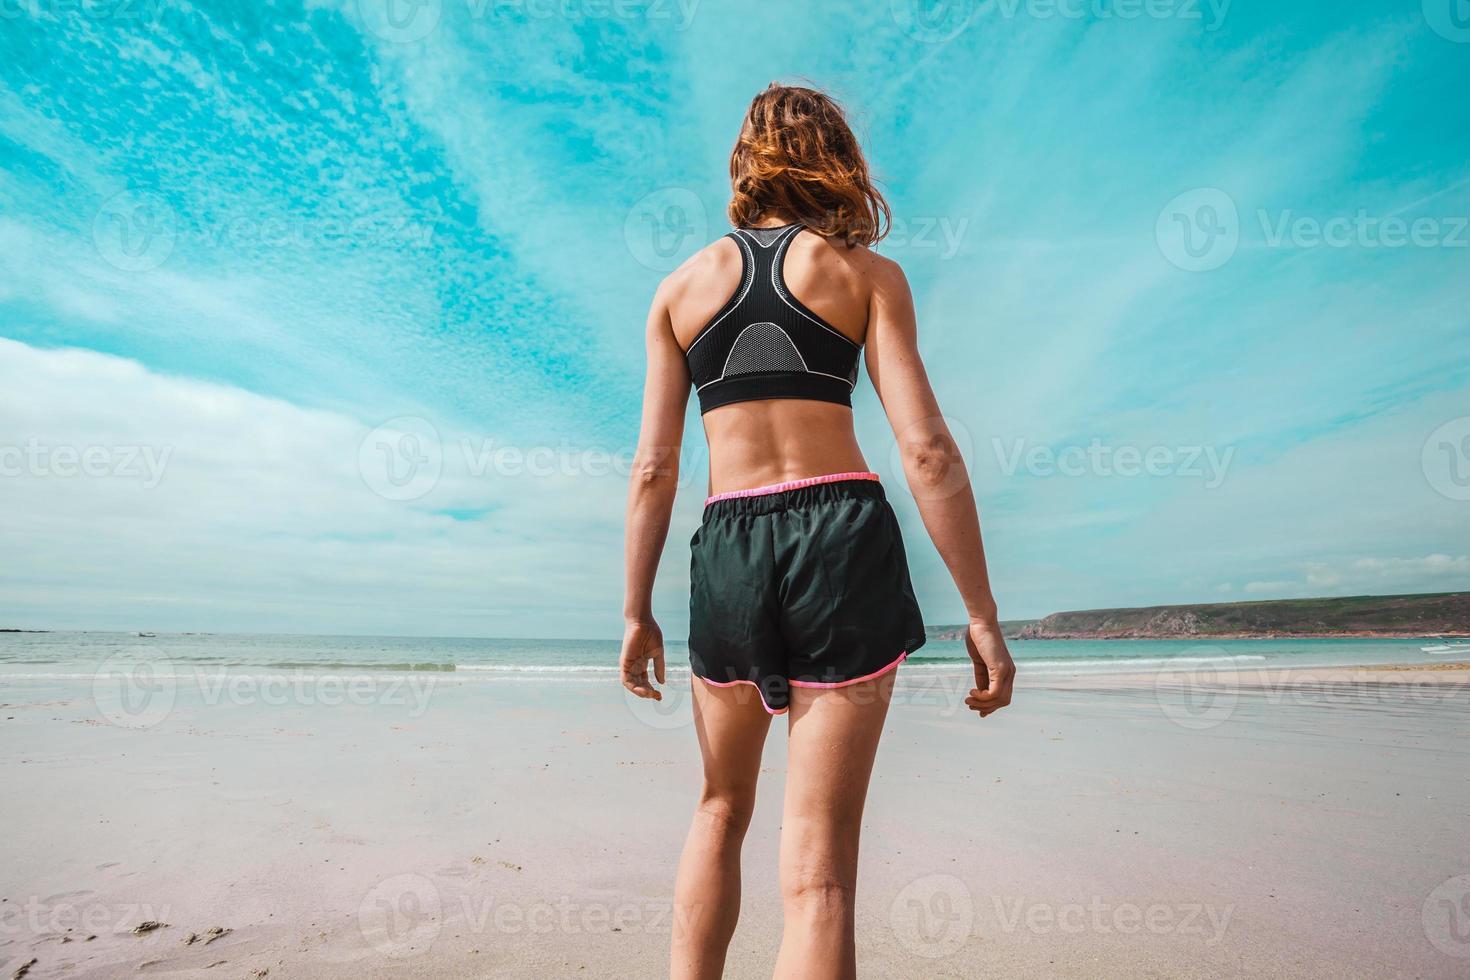 sportliche junge Frau, die am Strand steht foto